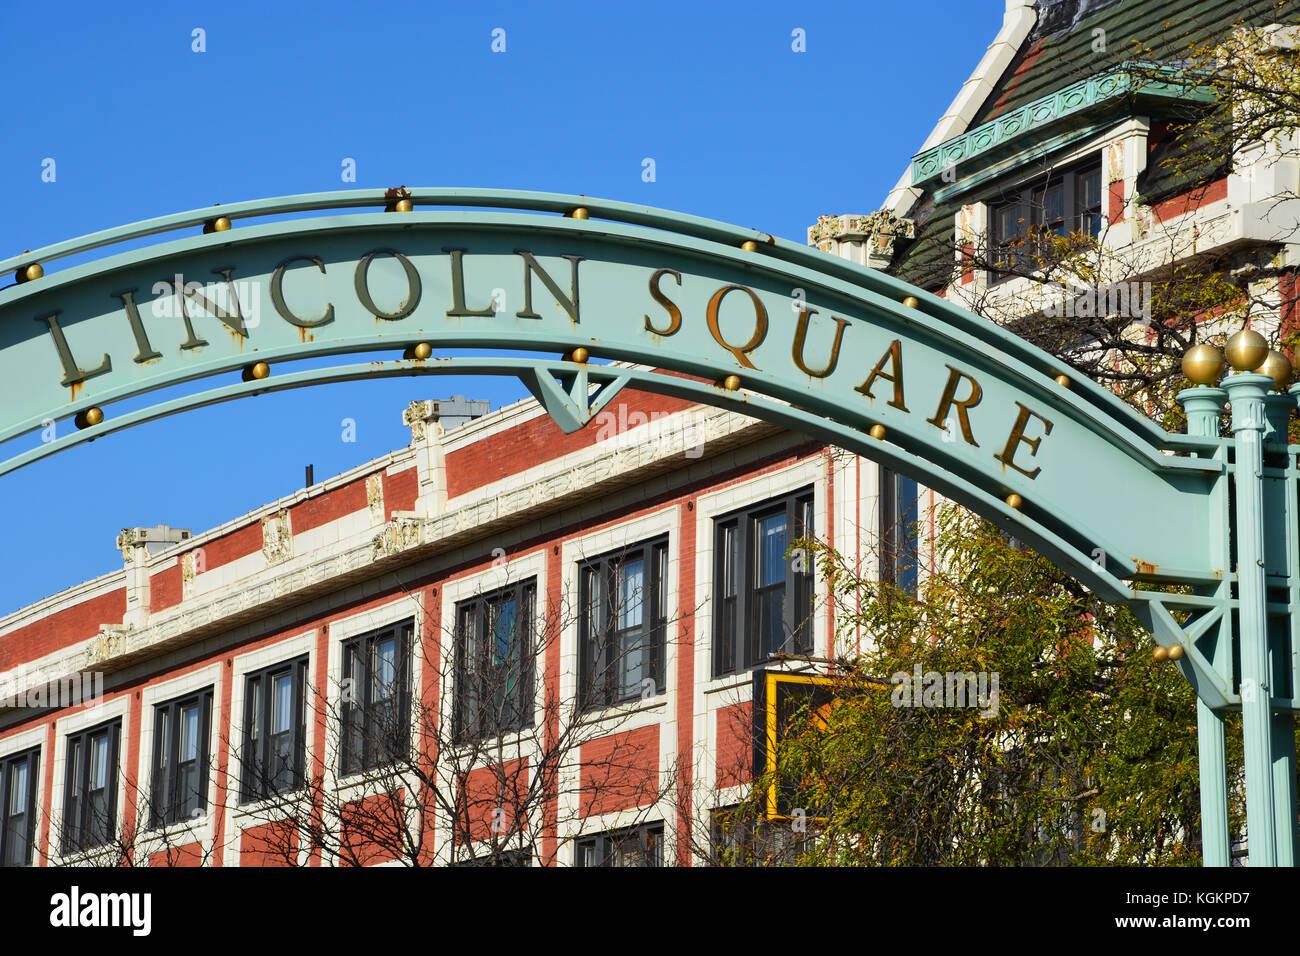 Straßenbild Zeichen in der Lincoln Square Nachbarschaft auf der Nordseite von Chicago. Stockbild